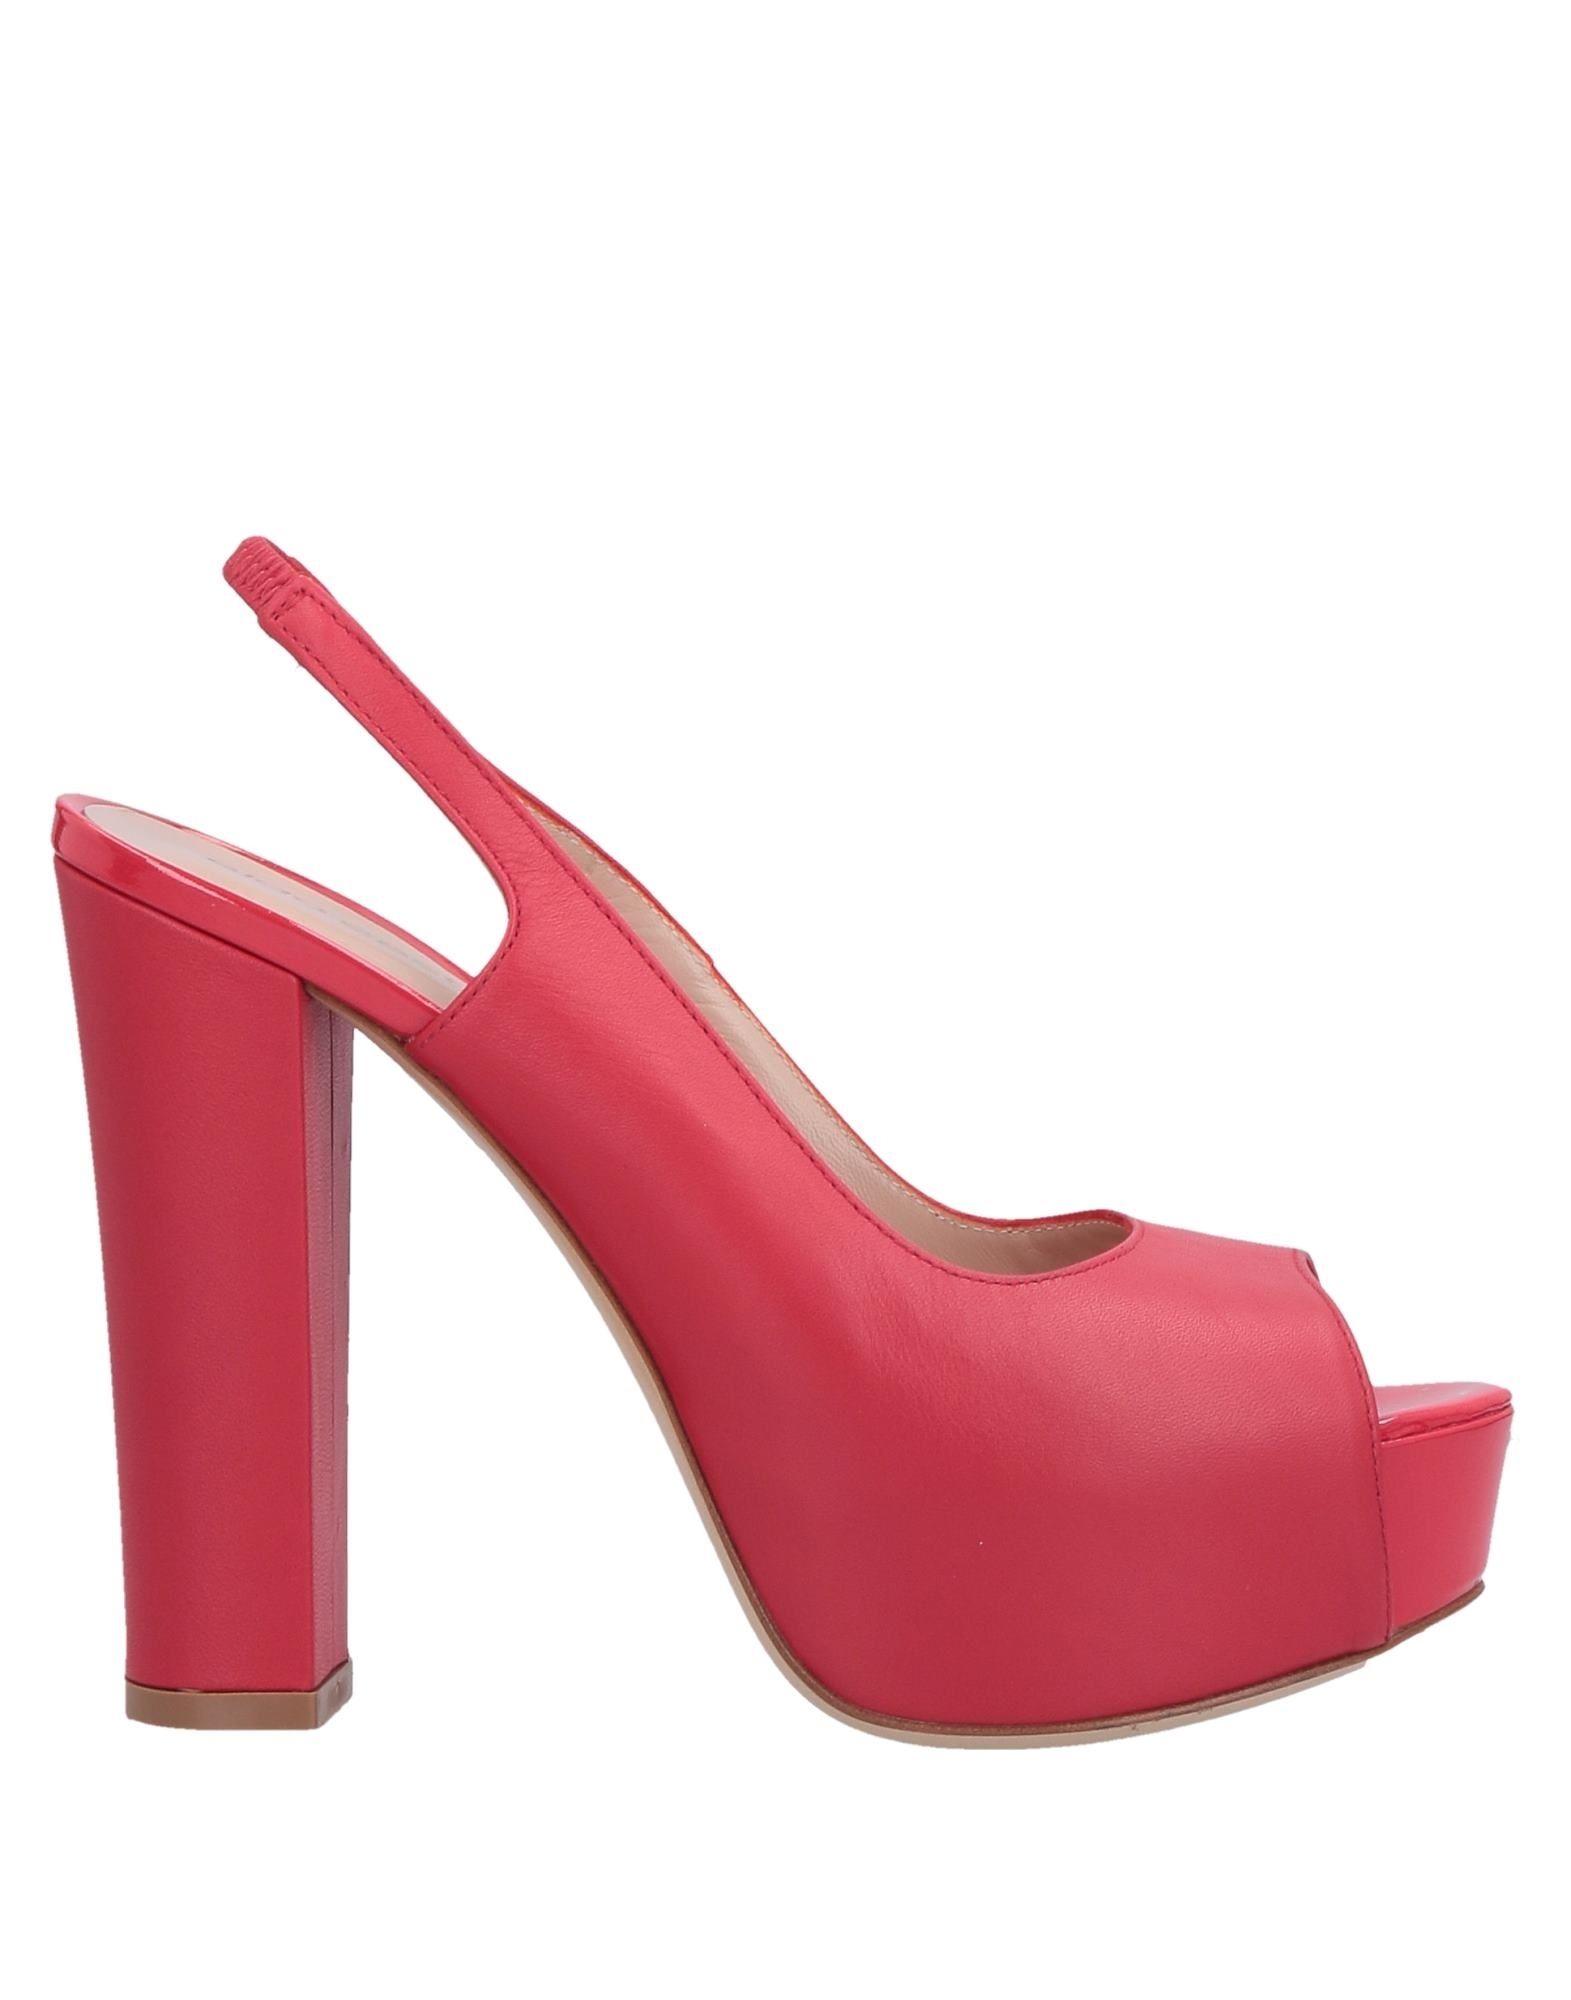 9efab6143 Женские босоножки и сандалии Aldo Castagna: элегантные модели на плоской  подошве и высоком каблуке